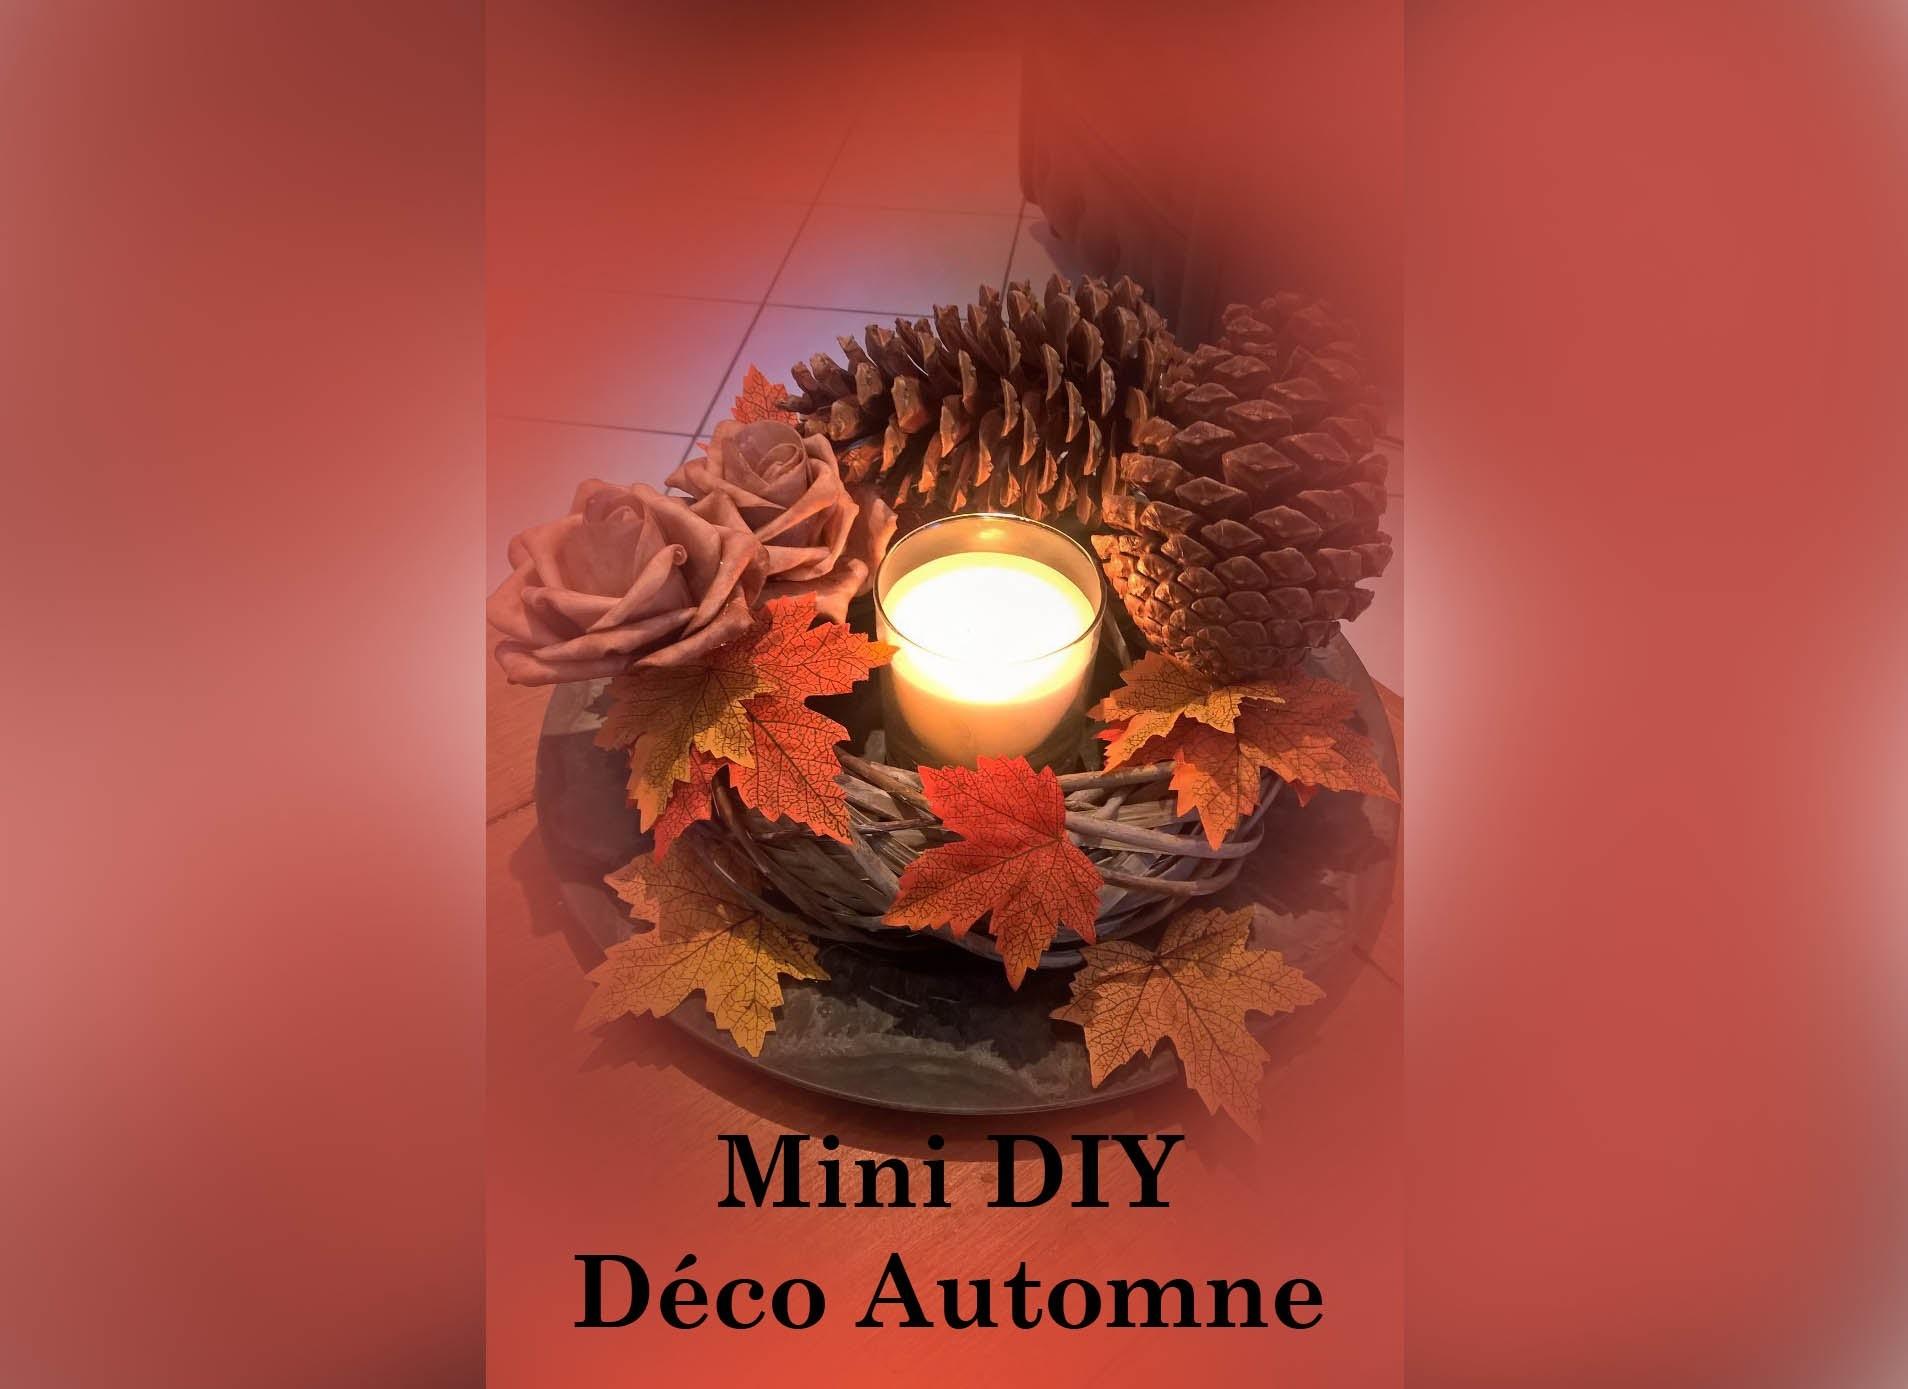 Mini DIY Automne 2015